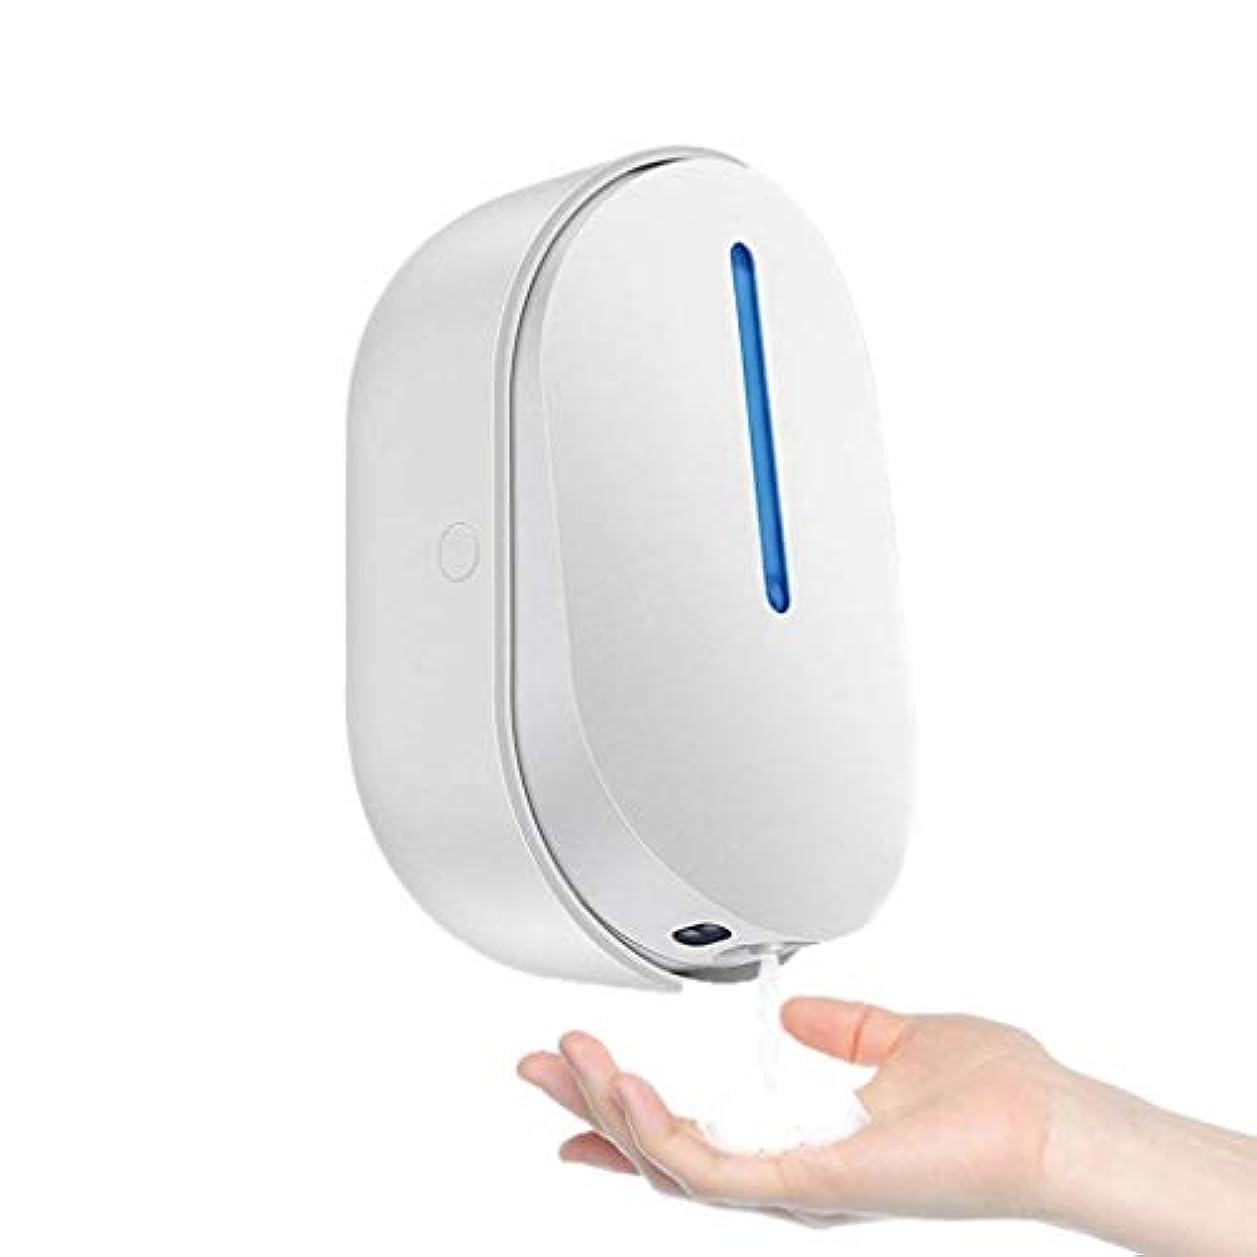 リスナー暴露するホーム壁掛け赤外線センサーエマルジョンディスペンサーキッチンバスルームブラケットハンドソープ充電式バッテリー泡洗浄携帯電話ローション (Color : Silver, Size : 18*12.2*8.5cm)